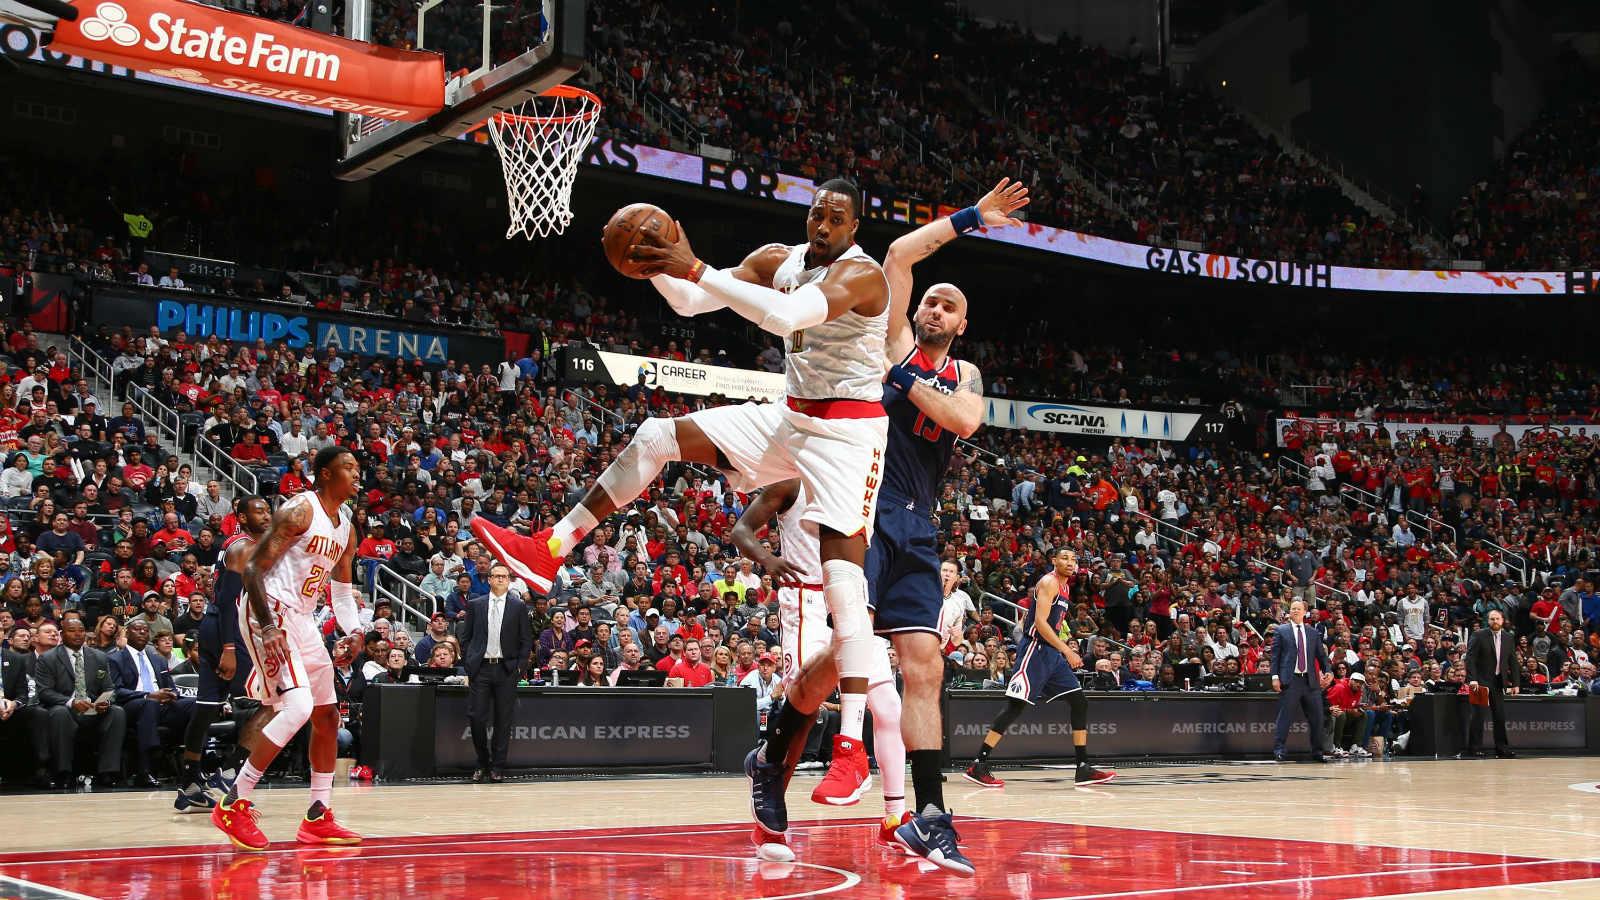 NBA将在本赛季所有直播中加入VR技术